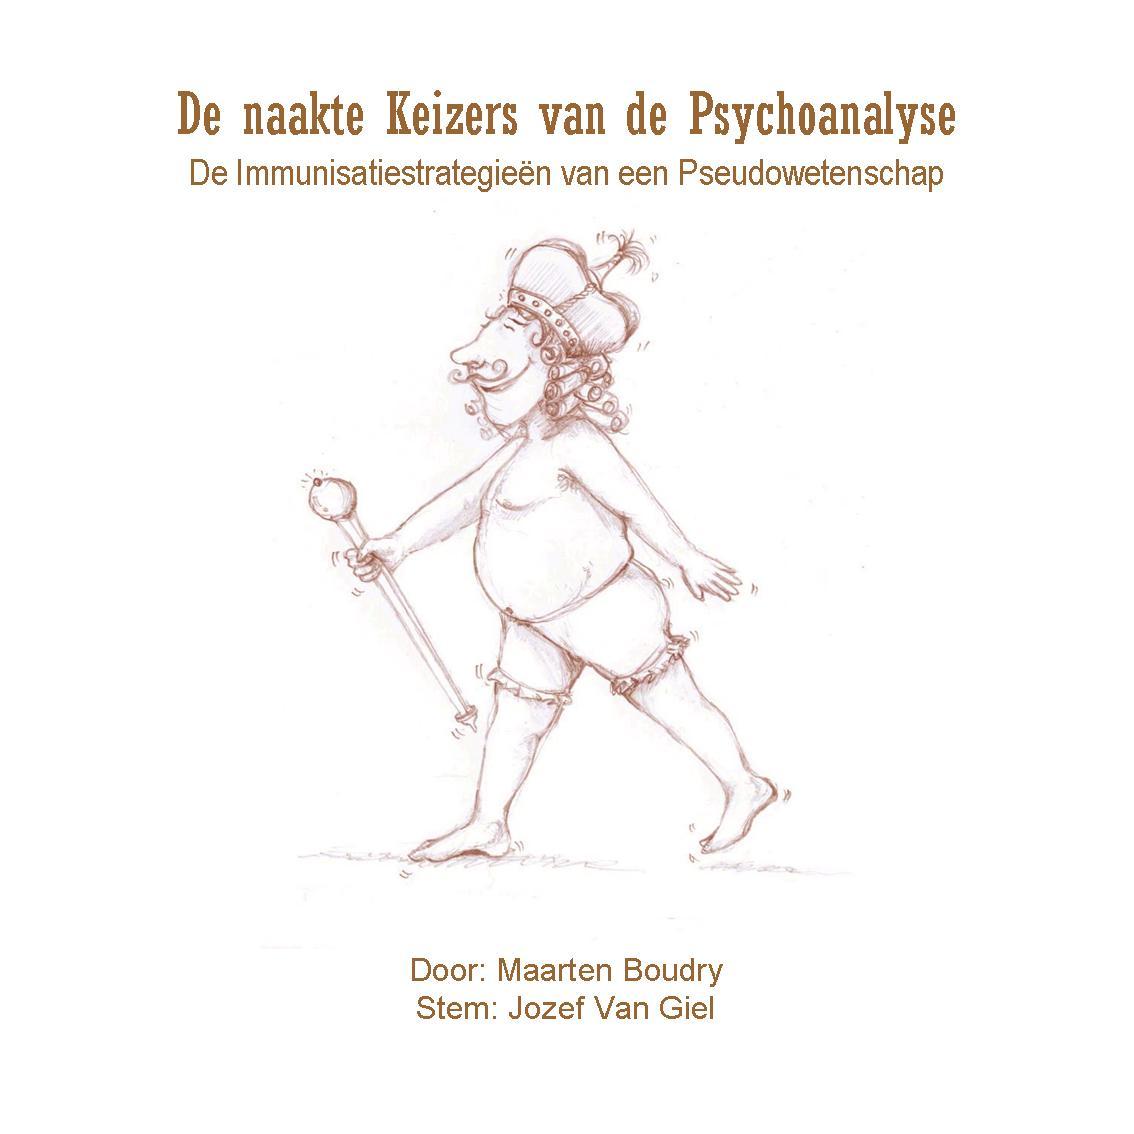 De naakte Keizers van de Psychoanalyse